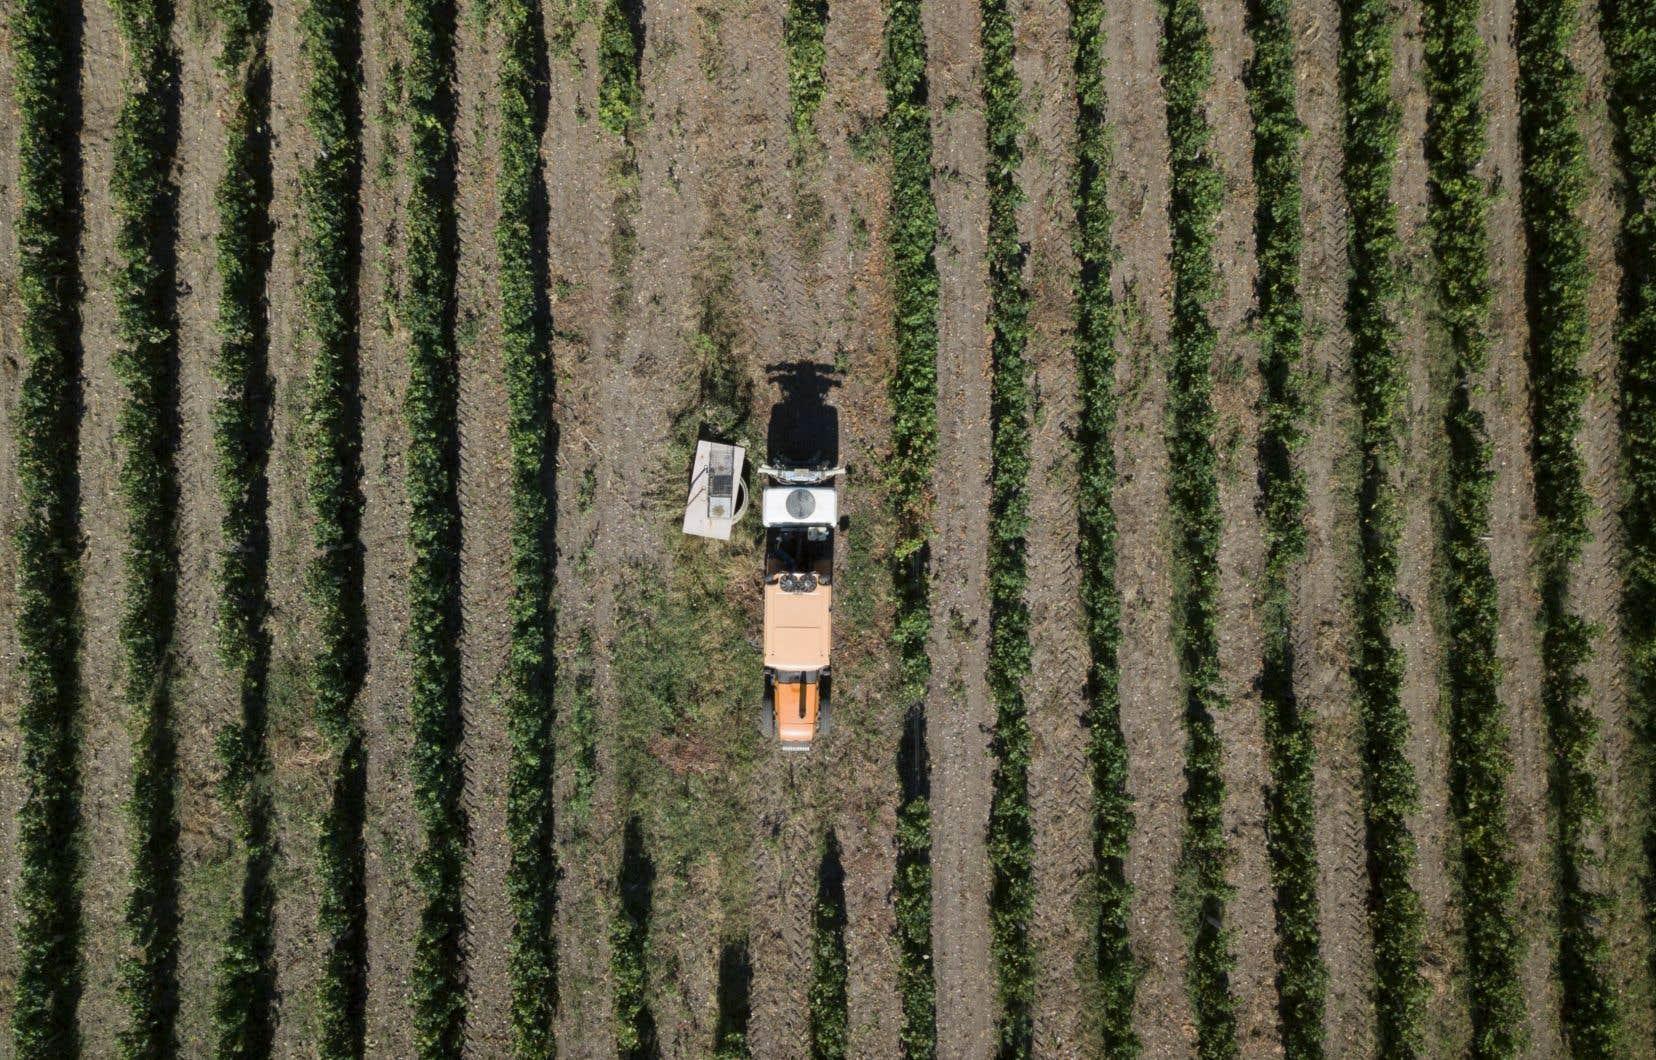 Il serait tout de même un peu court de prétendre que l'emphysème, les troubles thyroïdiens et autres cancers à la carte qui affectent les paysans dans leur vignoble soient liés aux épandages de pesticides et de fongicides dont fait usage l'agriculture dite «conventionnelle». Mais tout de même.